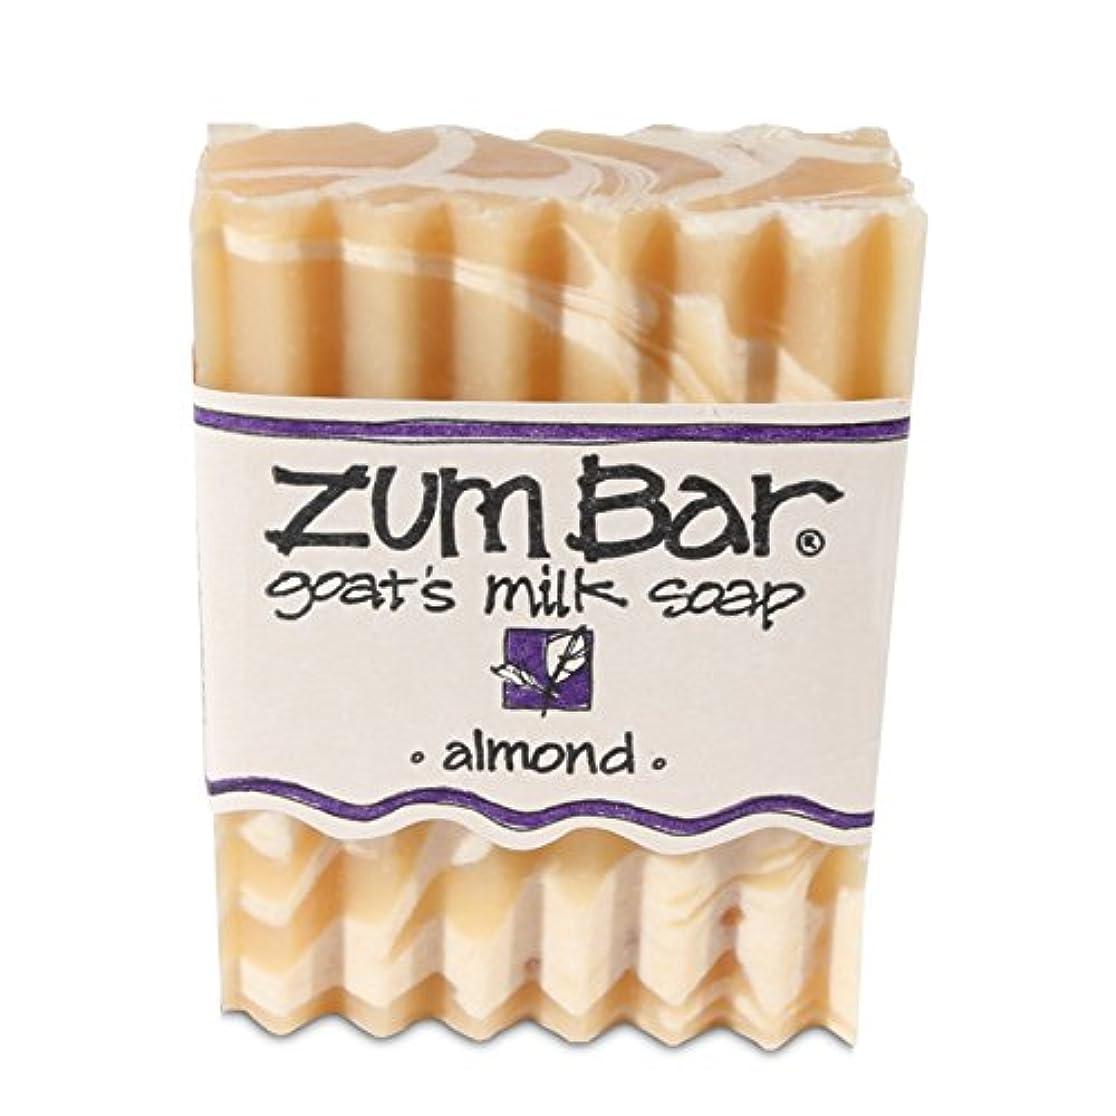 送信する青イブ海外直送品 Indigo Wild, Zum Bar, Goat's ミルク ソープ アーモンド , 3 Ounces (2個セット) (Almond) [並行輸入品]